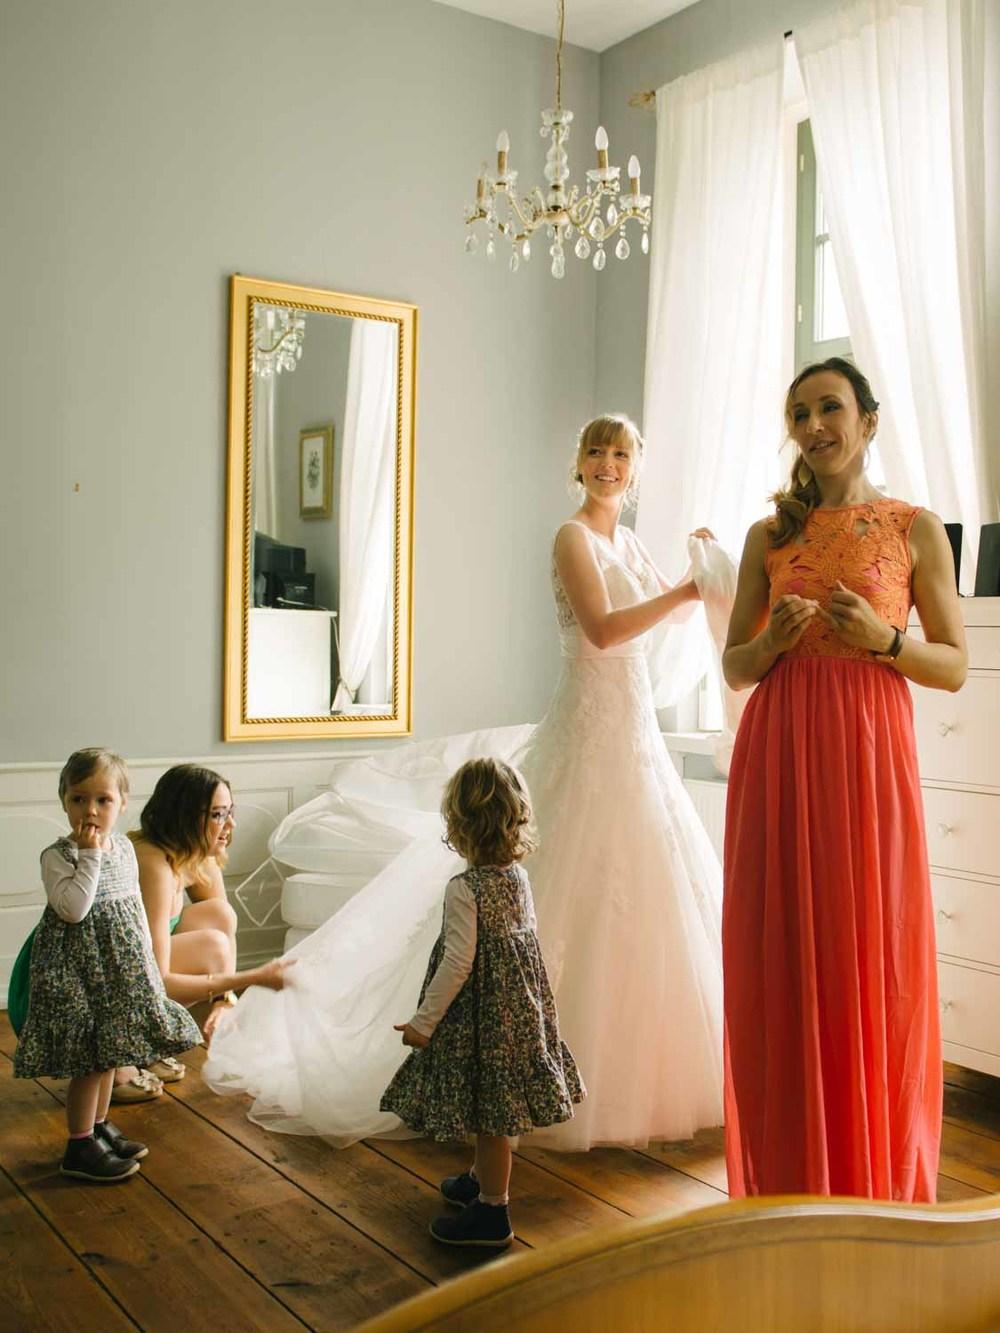 Hochzeitsfotograf Rostock - Brautkleid